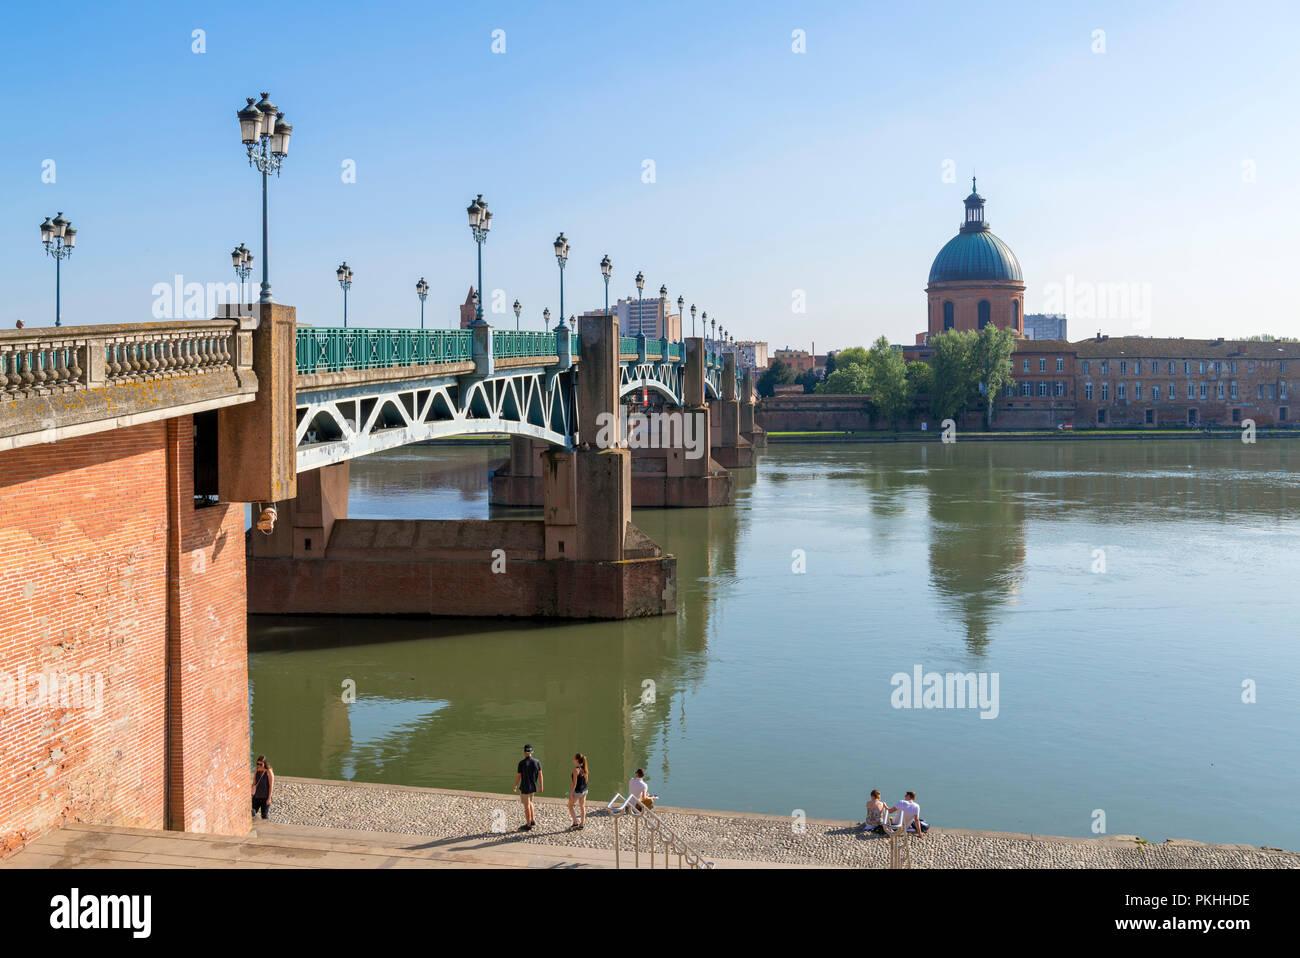 Pont Saint-Pierre (St Pierre Bridge) over the River Garonne looking towards Chapelle Saint-Joseph de la Grave,Toulouse, Languedoc, France - Stock Image